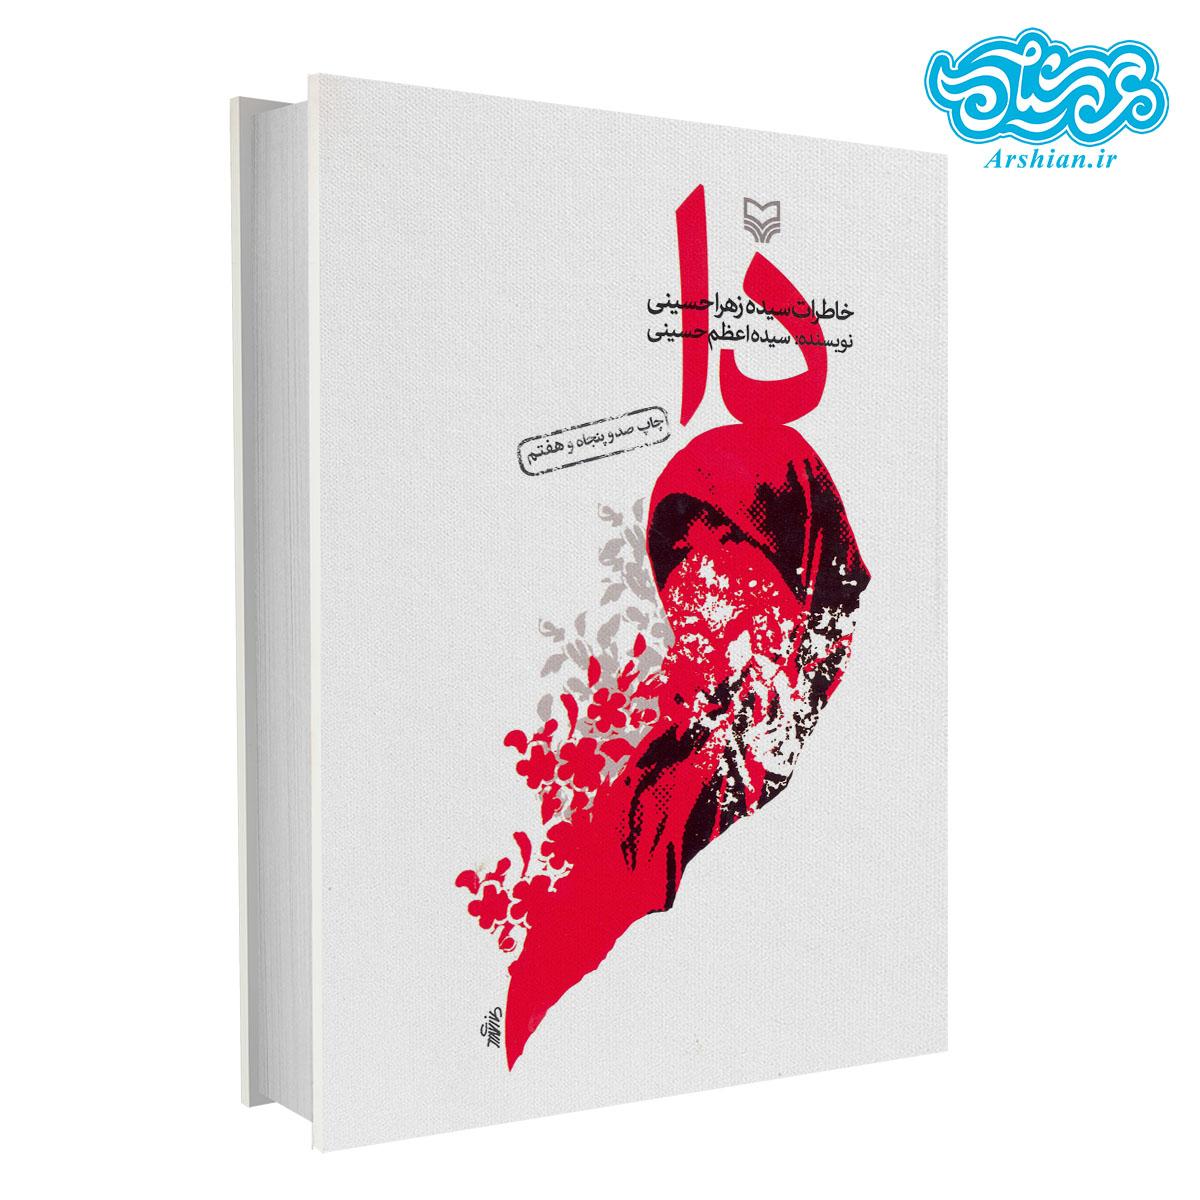 کتاب دا - خاطرات سیده زهرا حسینی